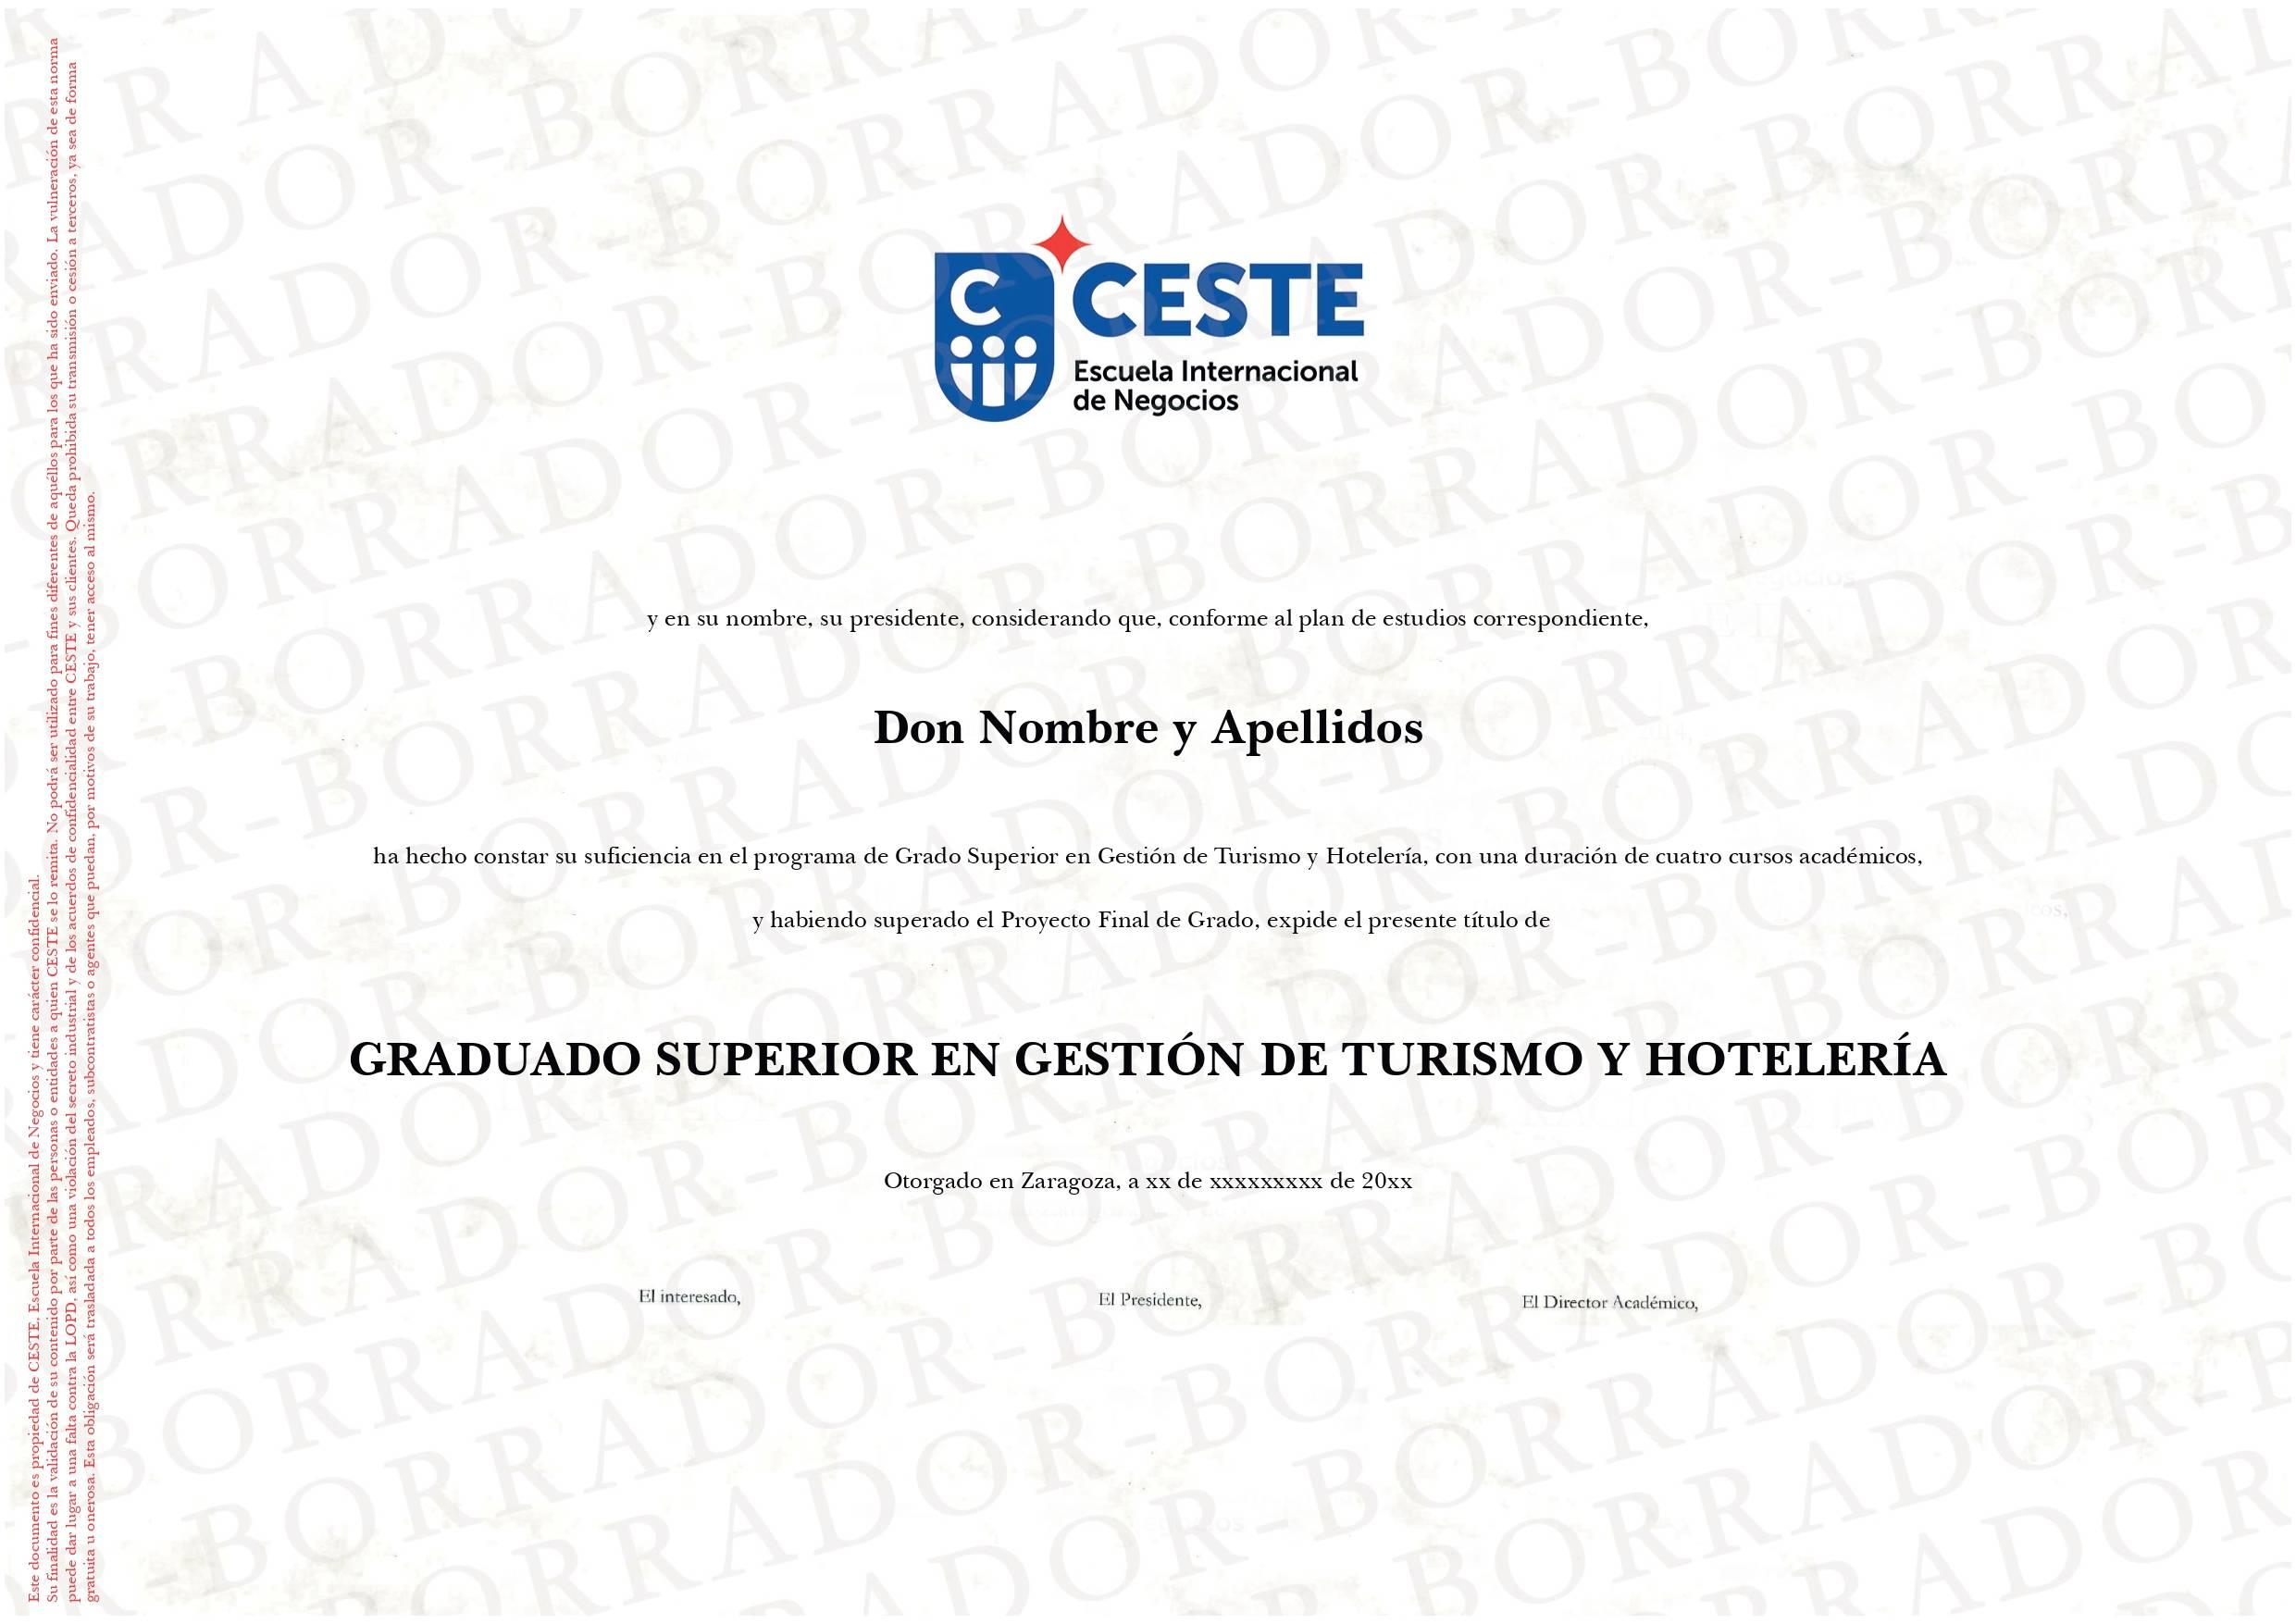 Документы и процедура получения внж в испании по оседлости. испания по-русски - все о жизни в испании